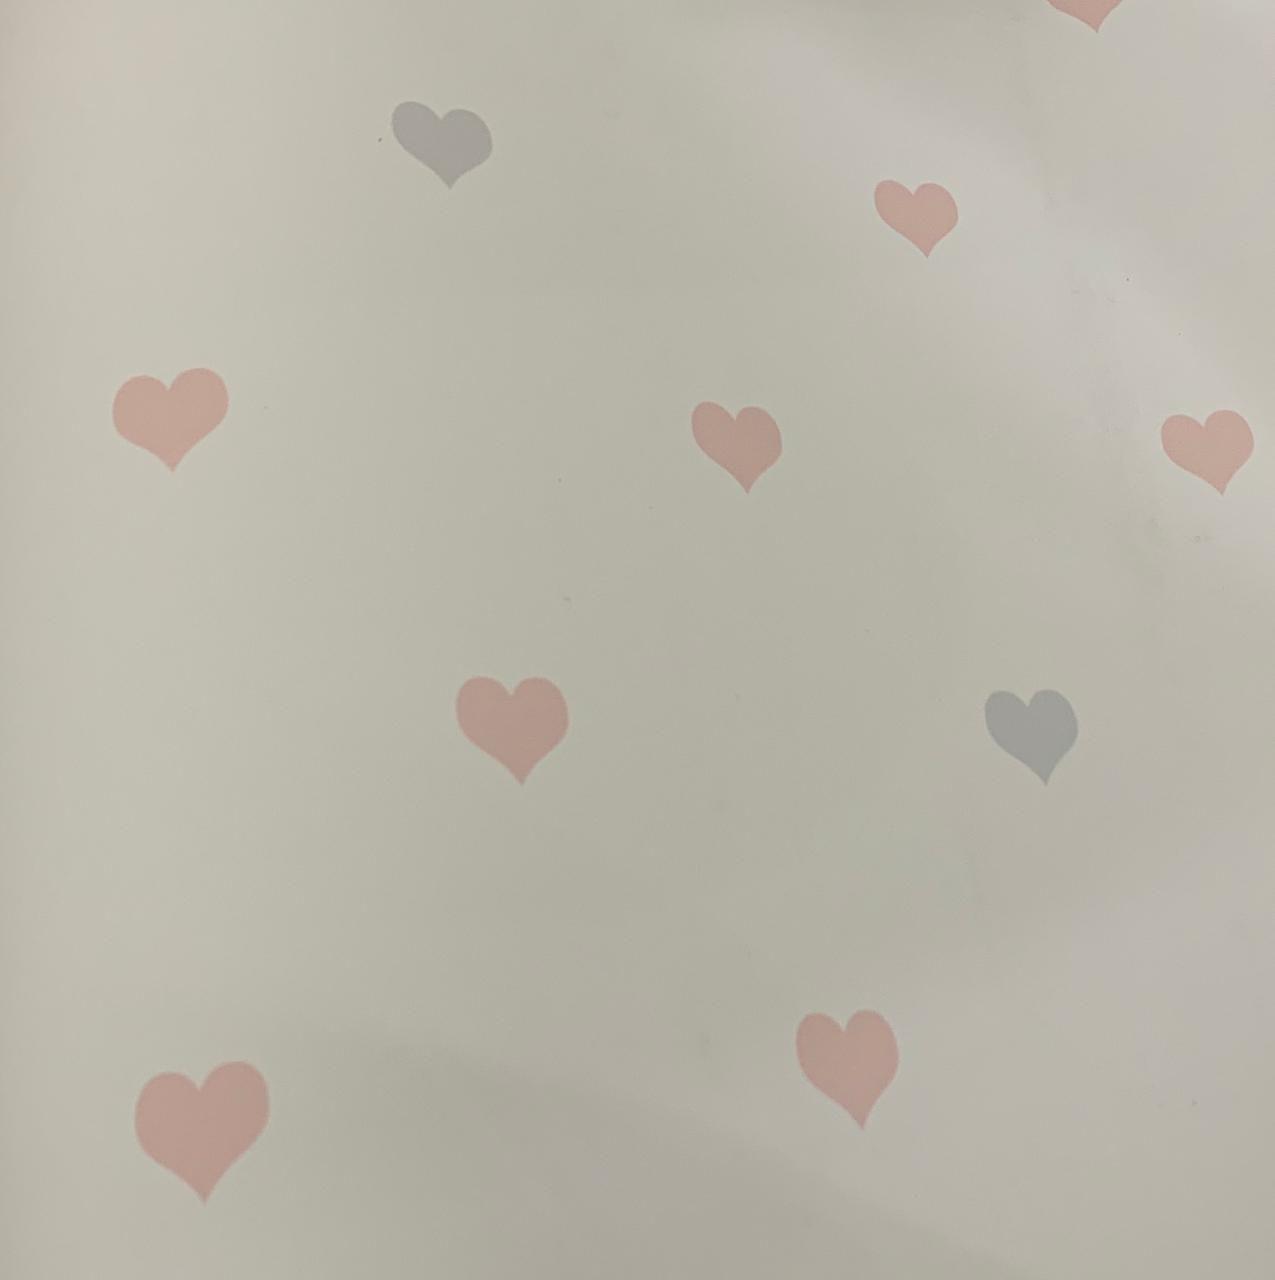 Papel de Parede Coração Rosa e Cinza